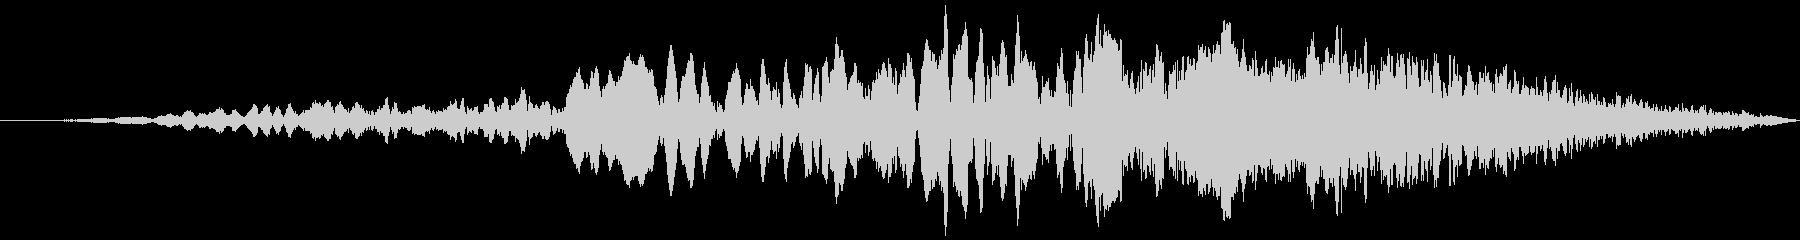 車 レース ブレーキ/タイヤスキール音6の未再生の波形